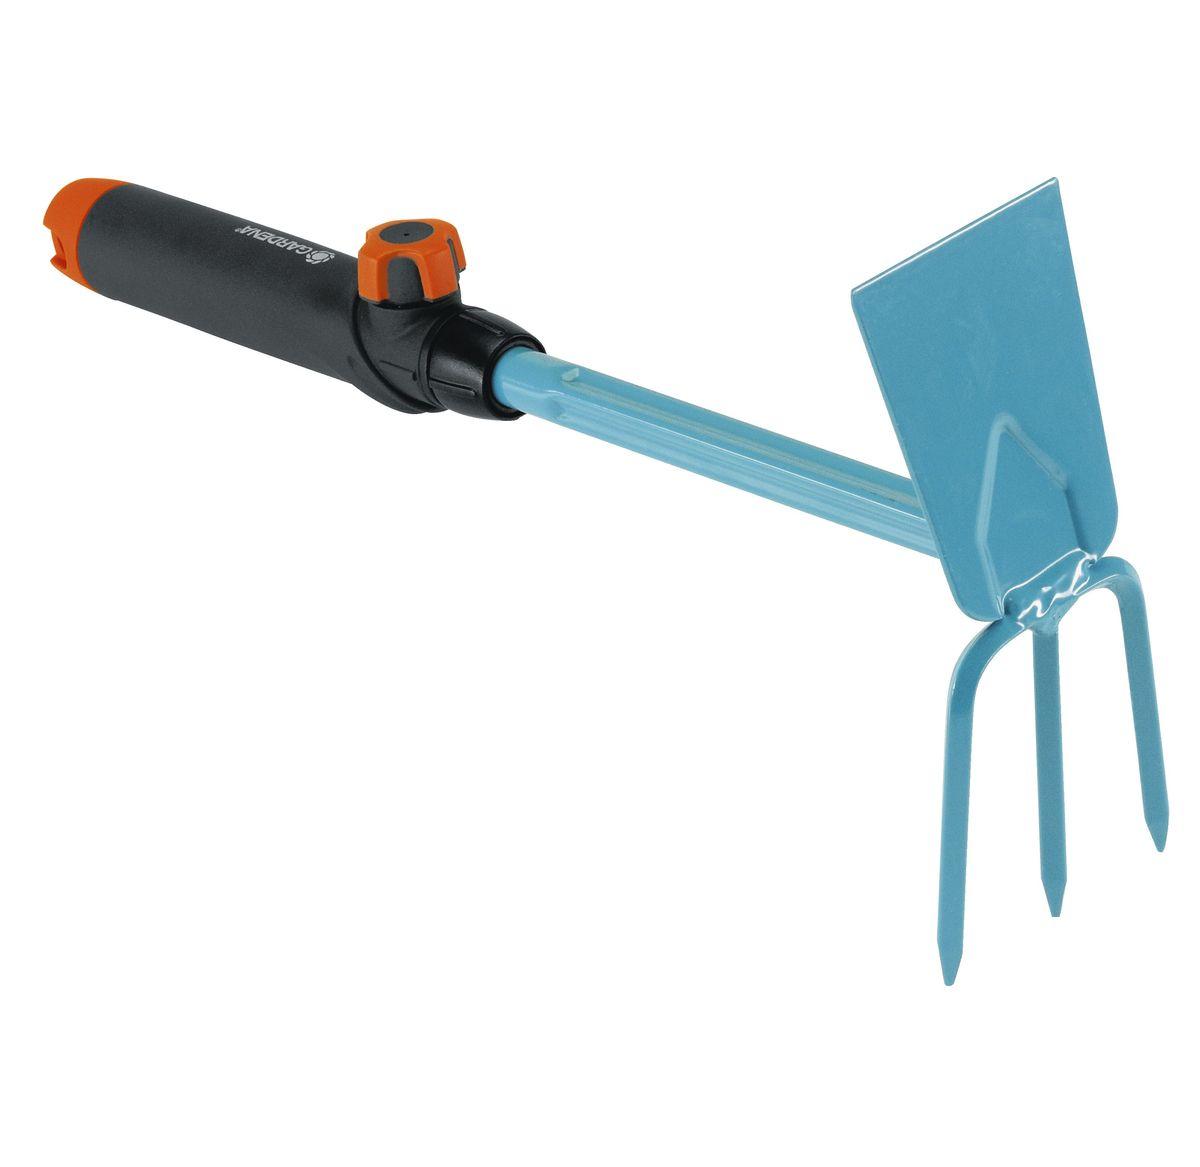 Мотыжка ручная Gardena, 6,5 см08914-20.000.00Мотыжка ручная Gardena представляет собой идеальный инструмент для рыхления, аэрации и прополки почвы. Ручка специальной формы удобно лежит в руке, что облегчает работу. Ручка легко снимается и может быть заменена на любую другую ручку, подходящую пользователю по росту и избавляющую от необходимости нагибаться. Прямое режущее полотно и три зубца выполнены из высококачественной стали с покрытием из дюропласта, которое обеспечивает защиту инструментов от коррозии. Рабочая ширина - 6,5 см.